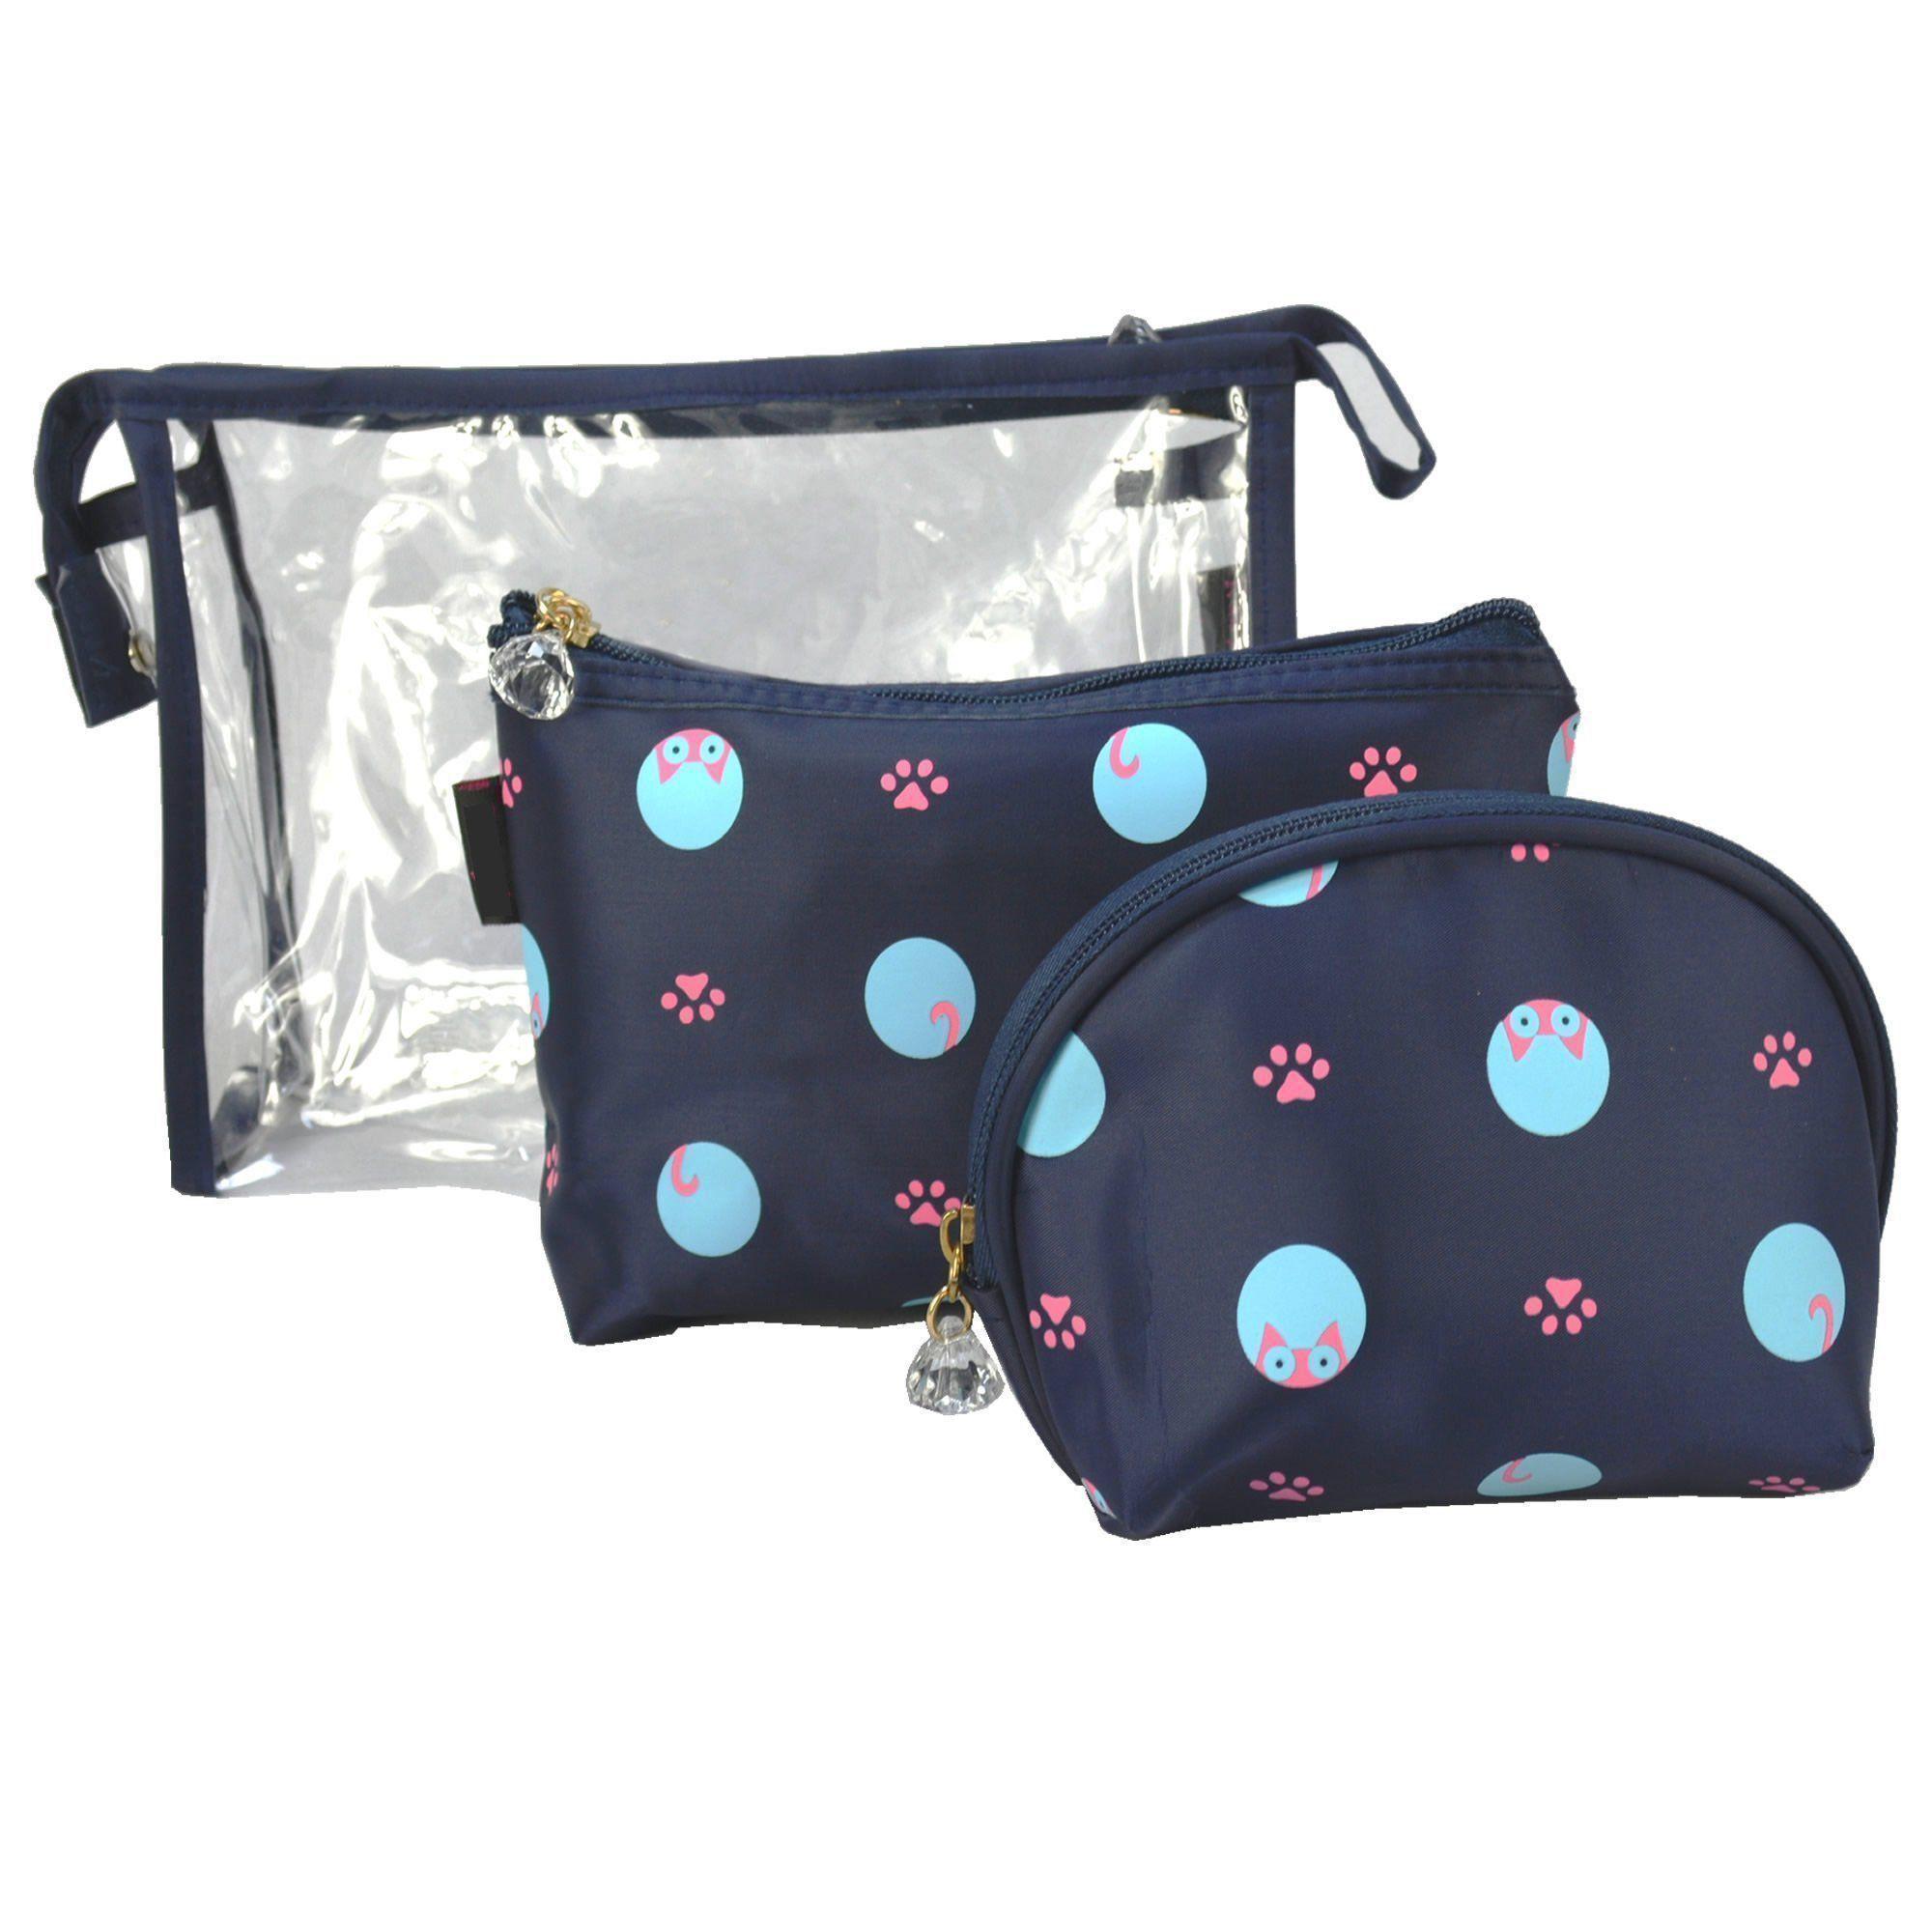 Kit com 3 Frasqueiras Necessaire Feminina Azul Escuro CBRN05956